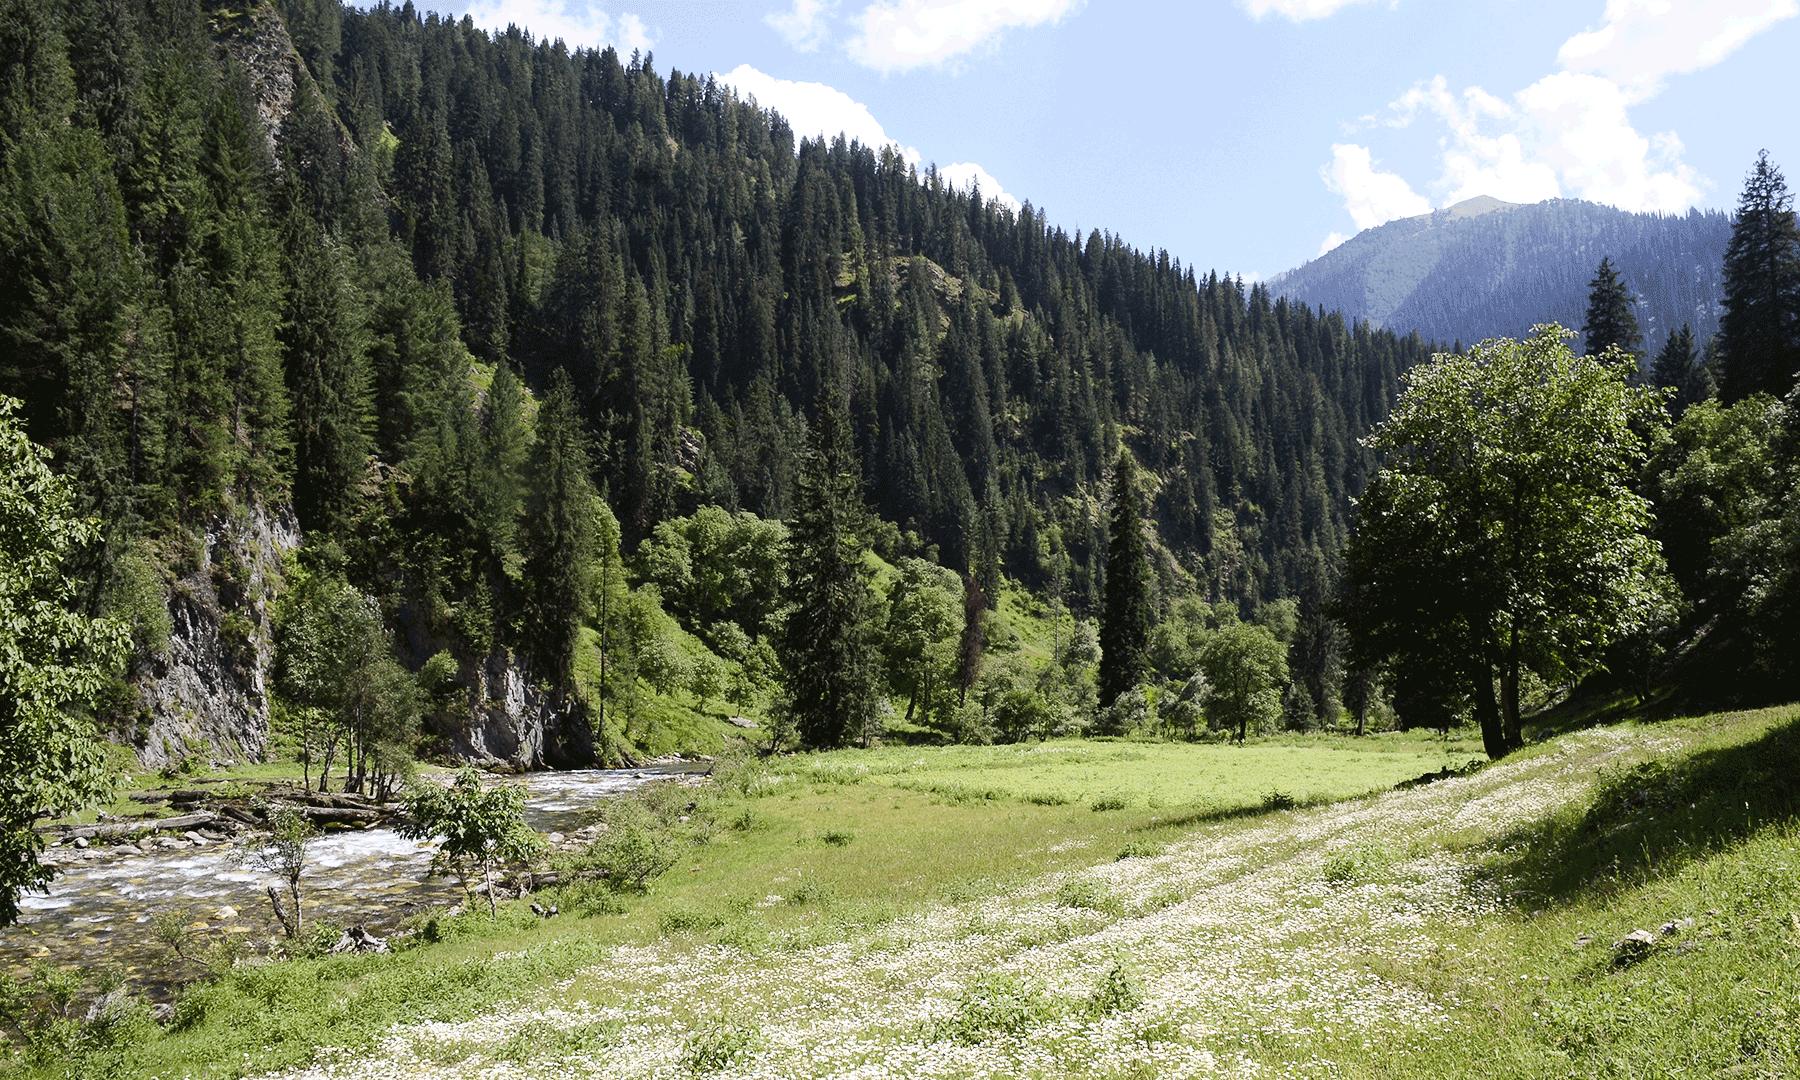 گگئی کا جنگل—تصویر  سلمان خان